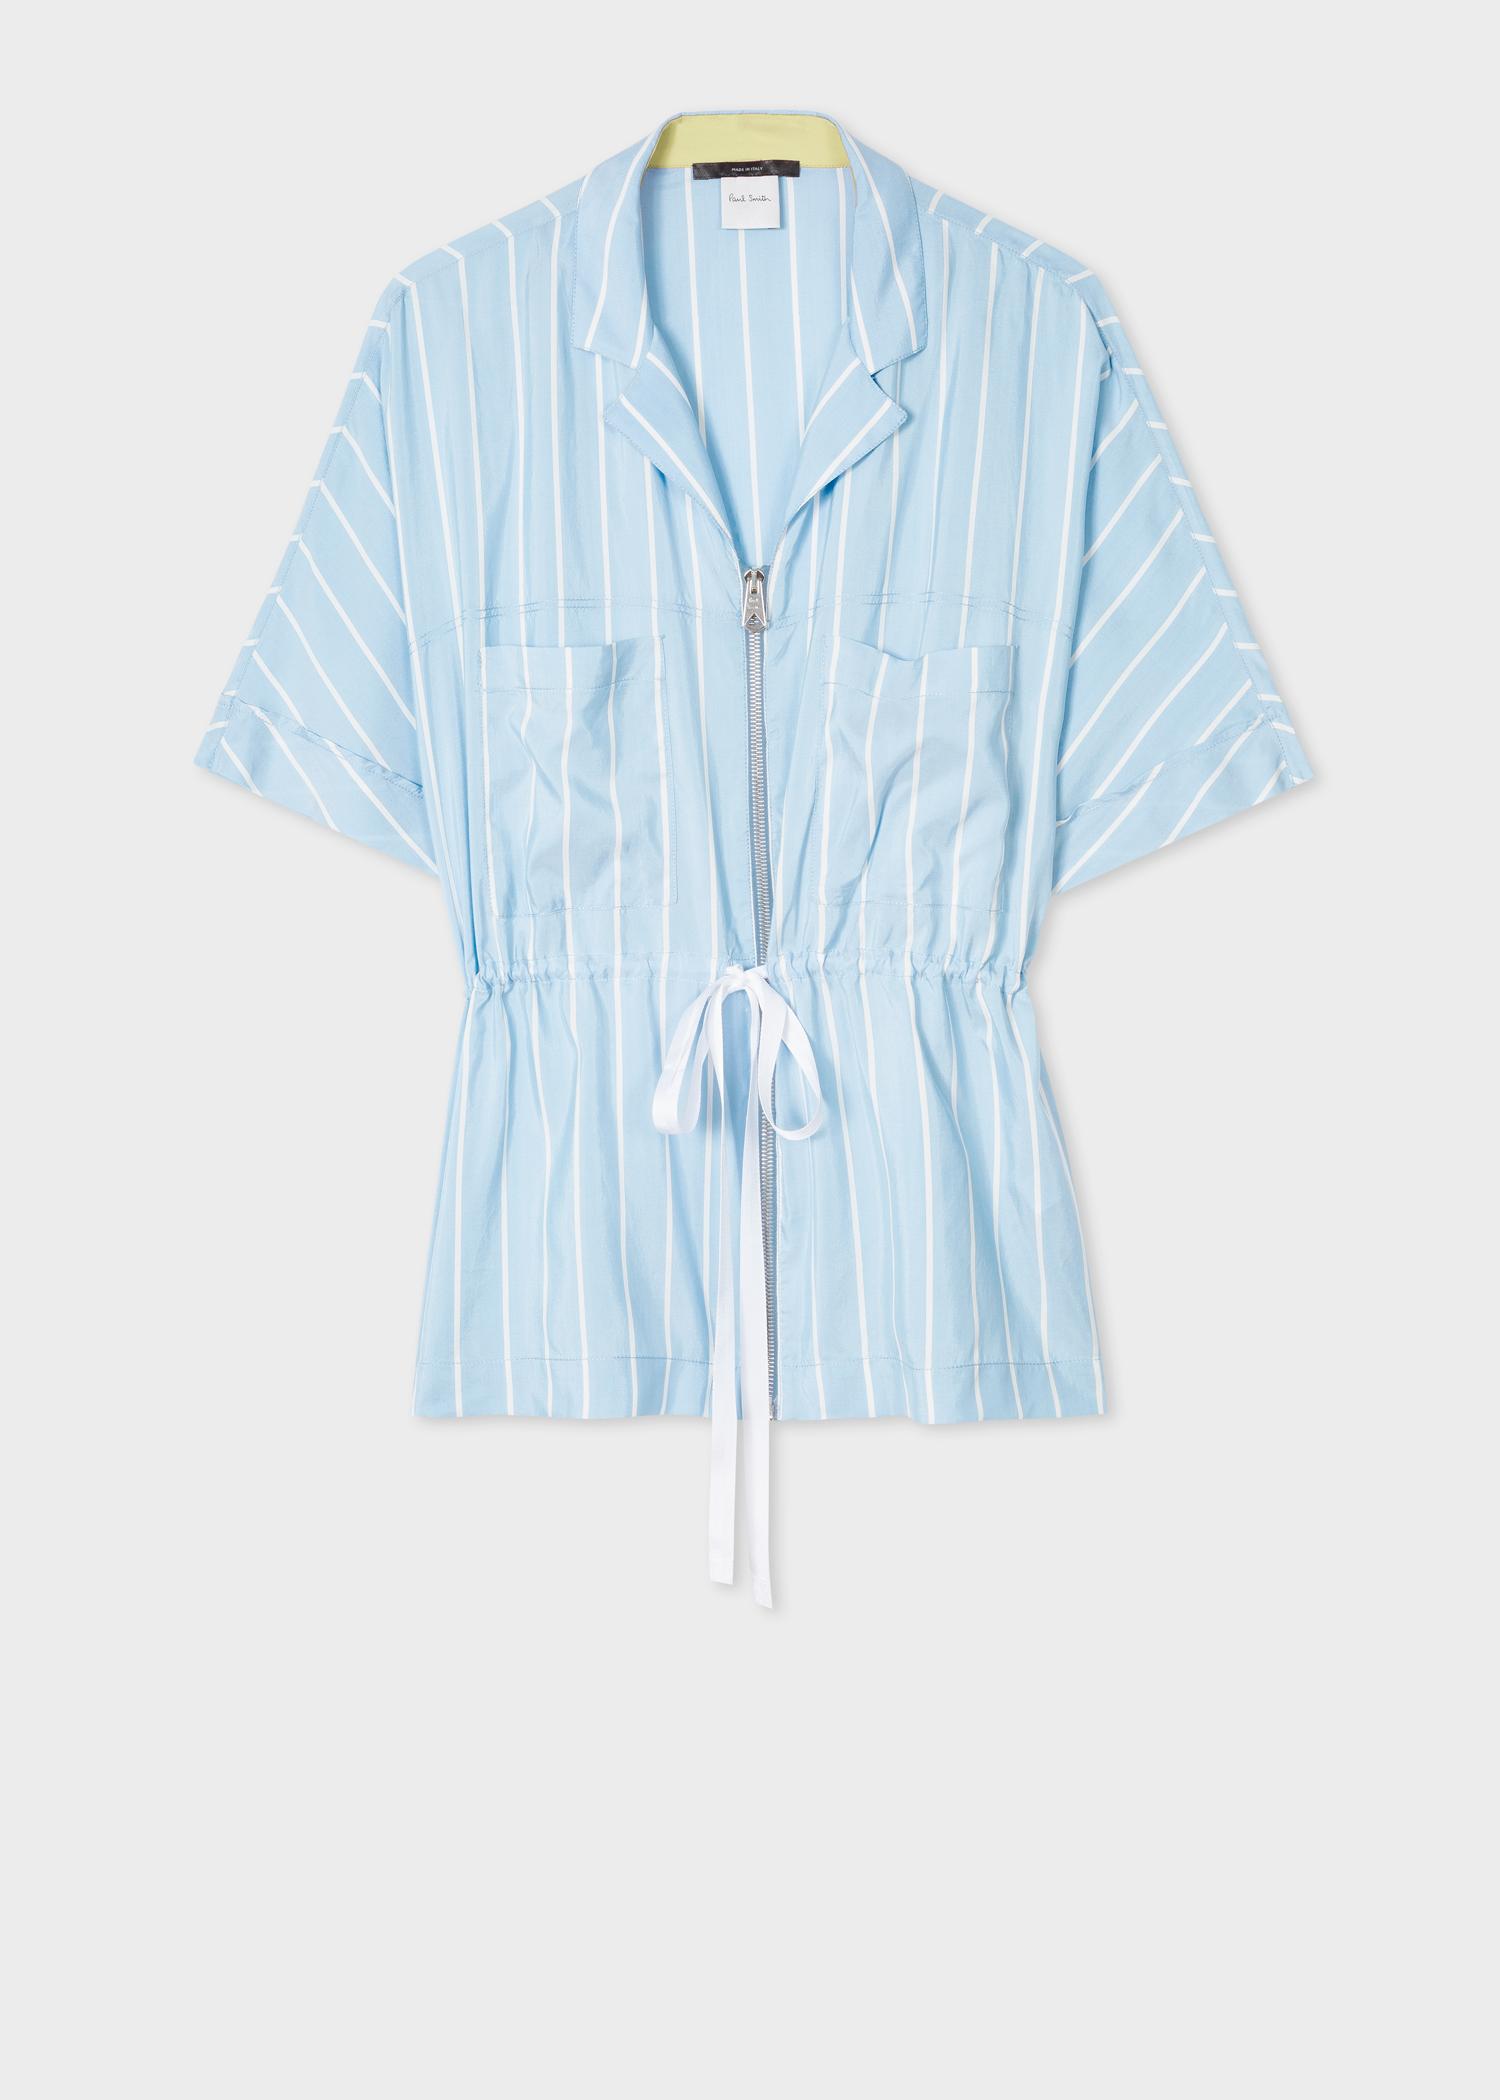 353d89a1 Front View - Women's Light Blue Stripe Silk Short-Sleeve Zip Shirt Paul  Smith